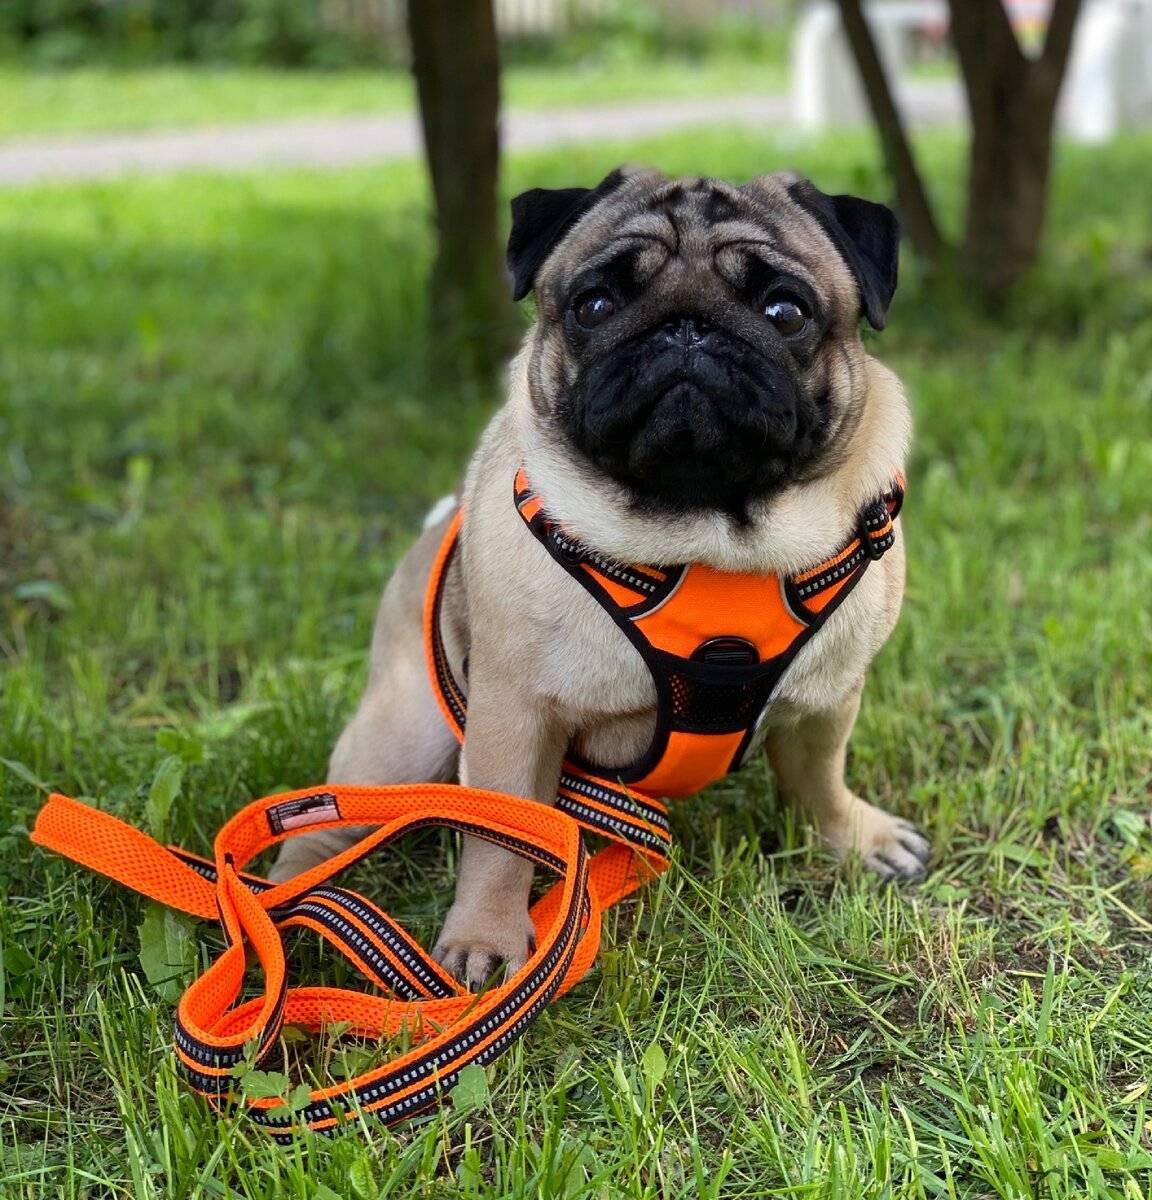 Намордник для собаки. как правильно выбрать намордник и приучить к нему собаку?